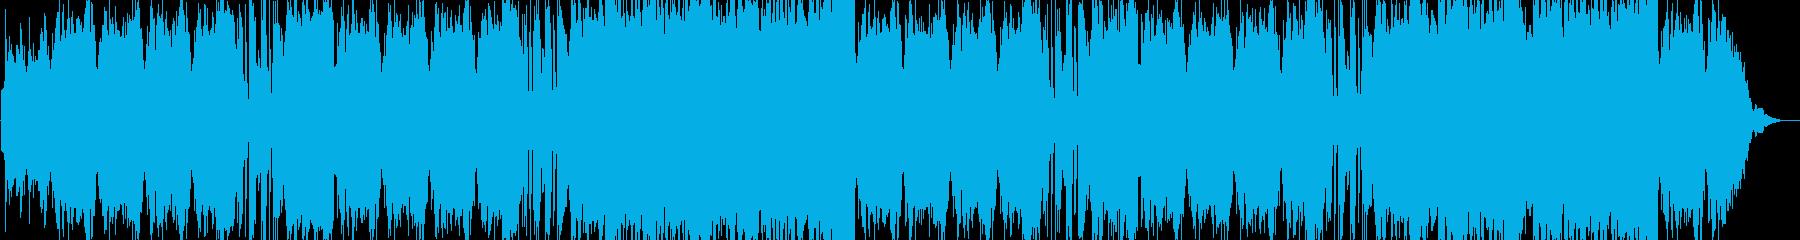 弦楽四重奏+ハープの優雅で穏やかな曲の再生済みの波形